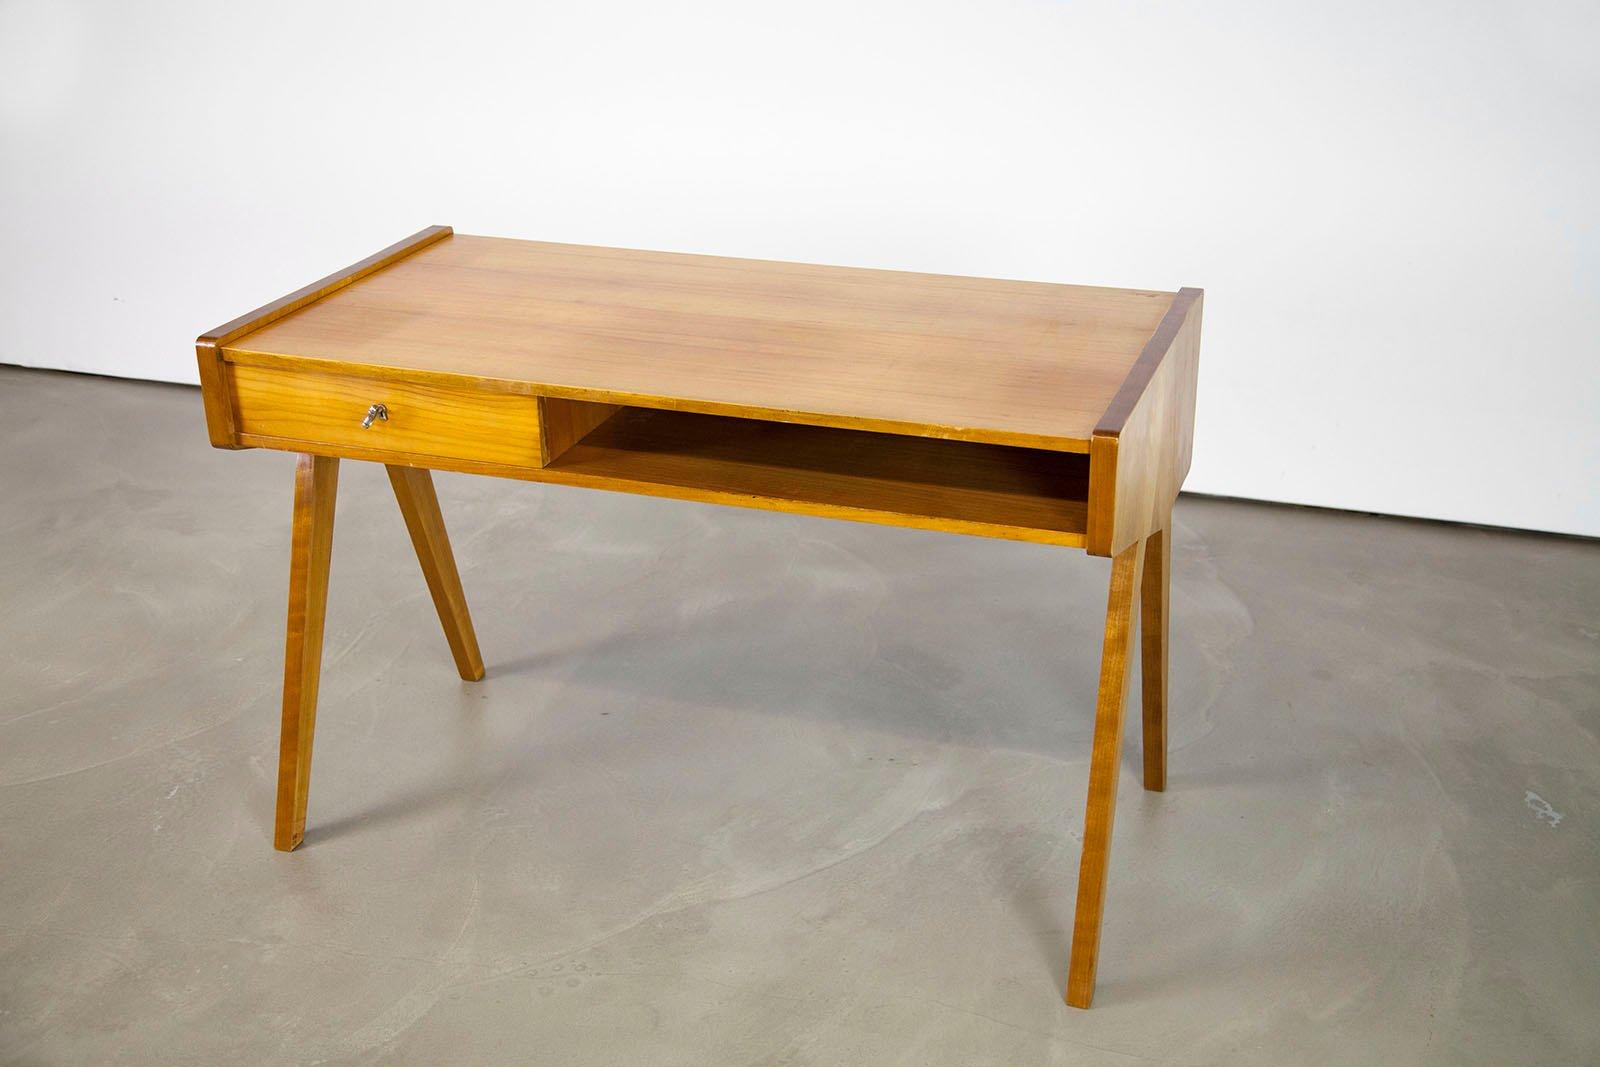 Mid century modern desk by helmut magg for vereinigte werkstätten 1950s